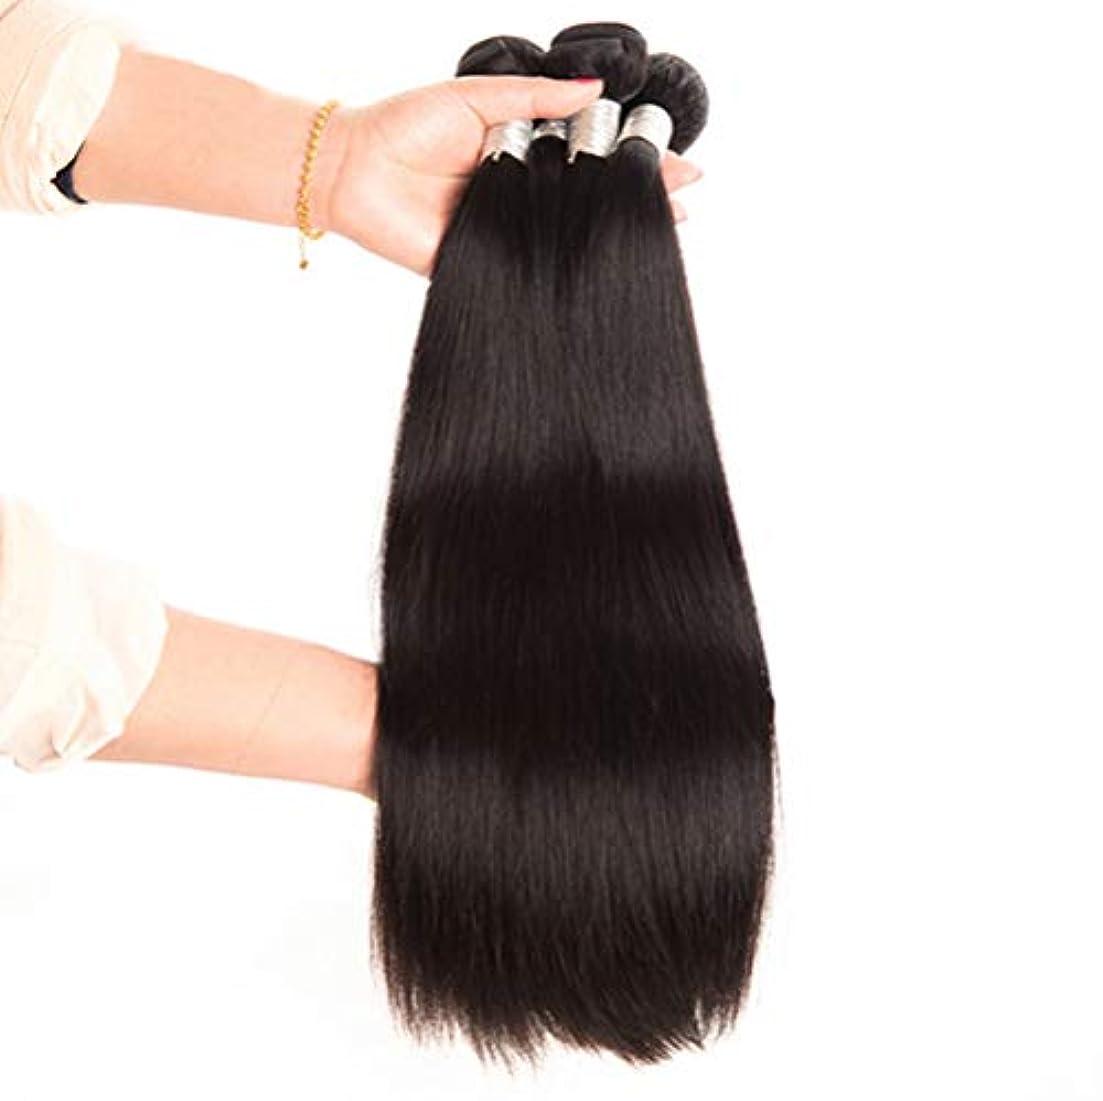 レガシーに慣れどうしたの女性150%密度ブラジルの毛1バンドルストレートヘア100%の未処理のブラジル産バージンストレート人間の髪バンドル織り髪人間